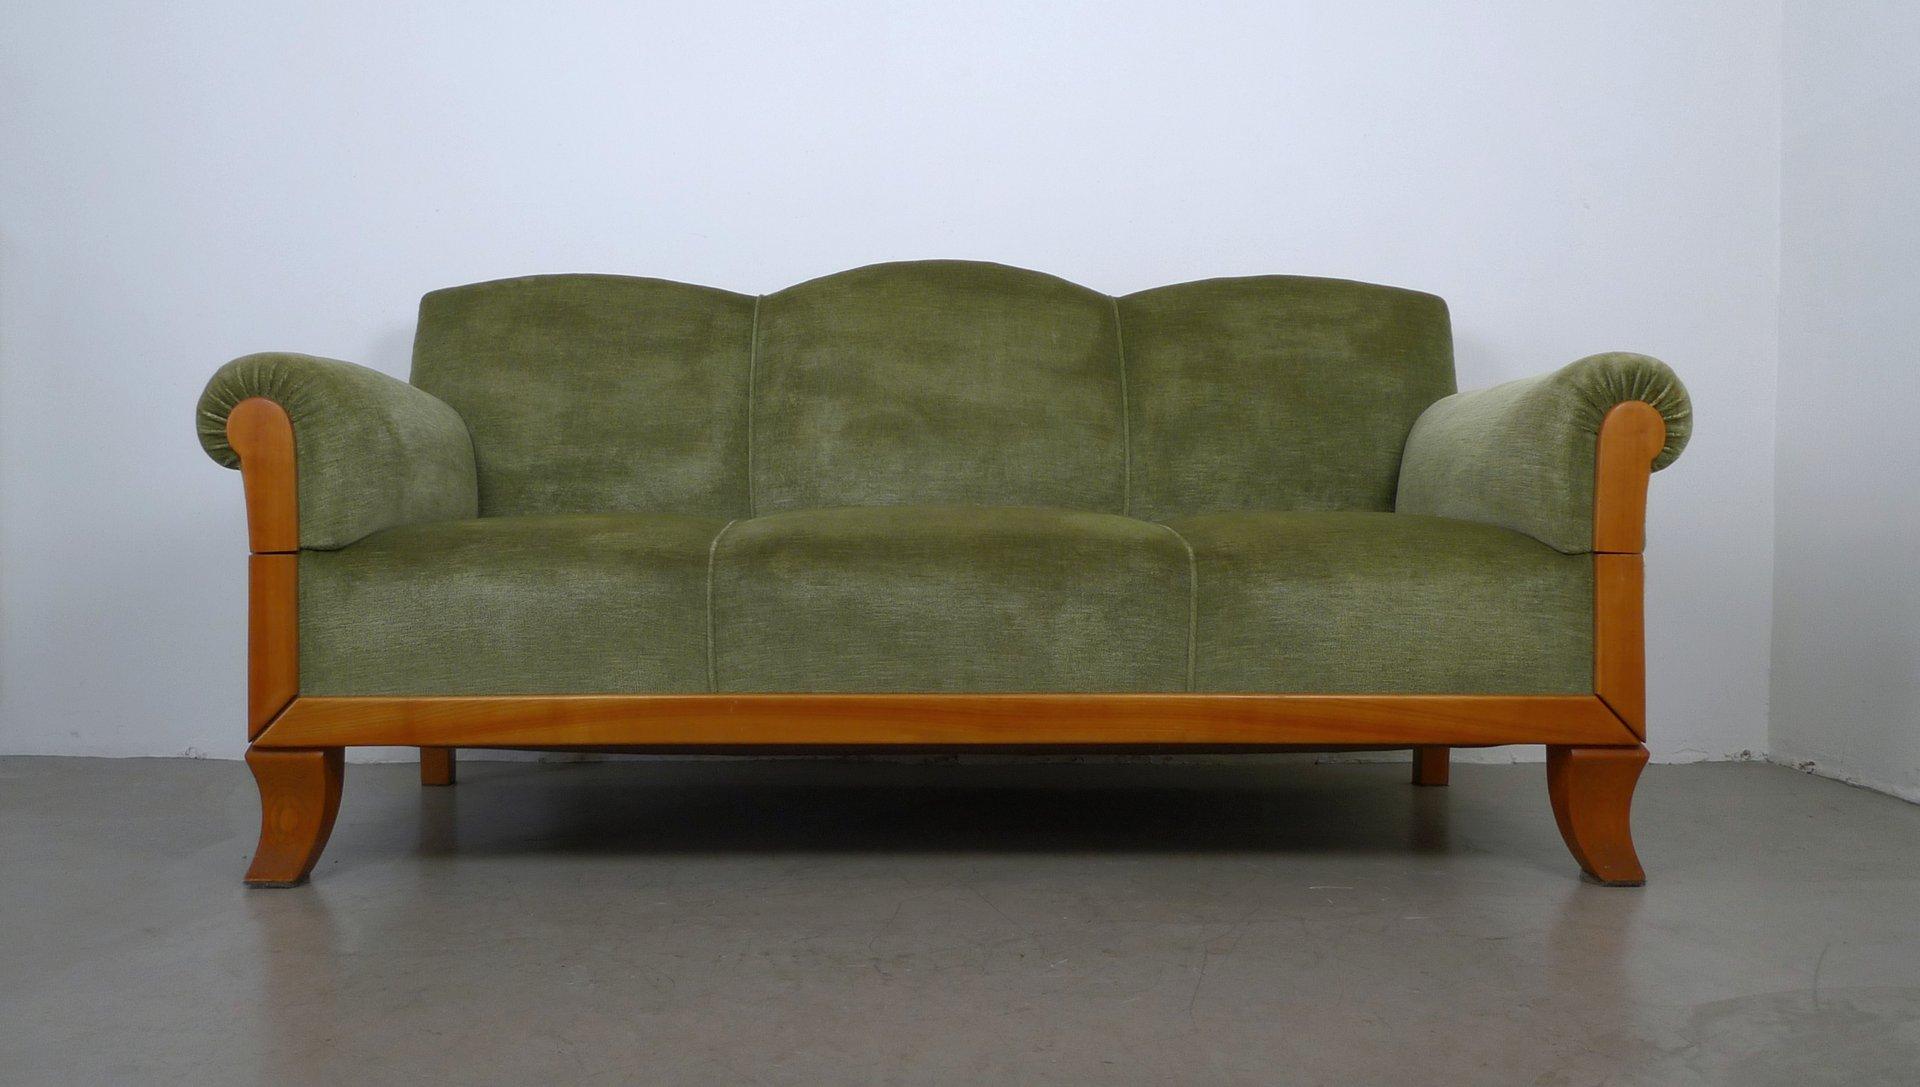 3 sitzer sofa aus kirschholz von joseph kreuzburg 1930er bei pamono kaufen. Black Bedroom Furniture Sets. Home Design Ideas